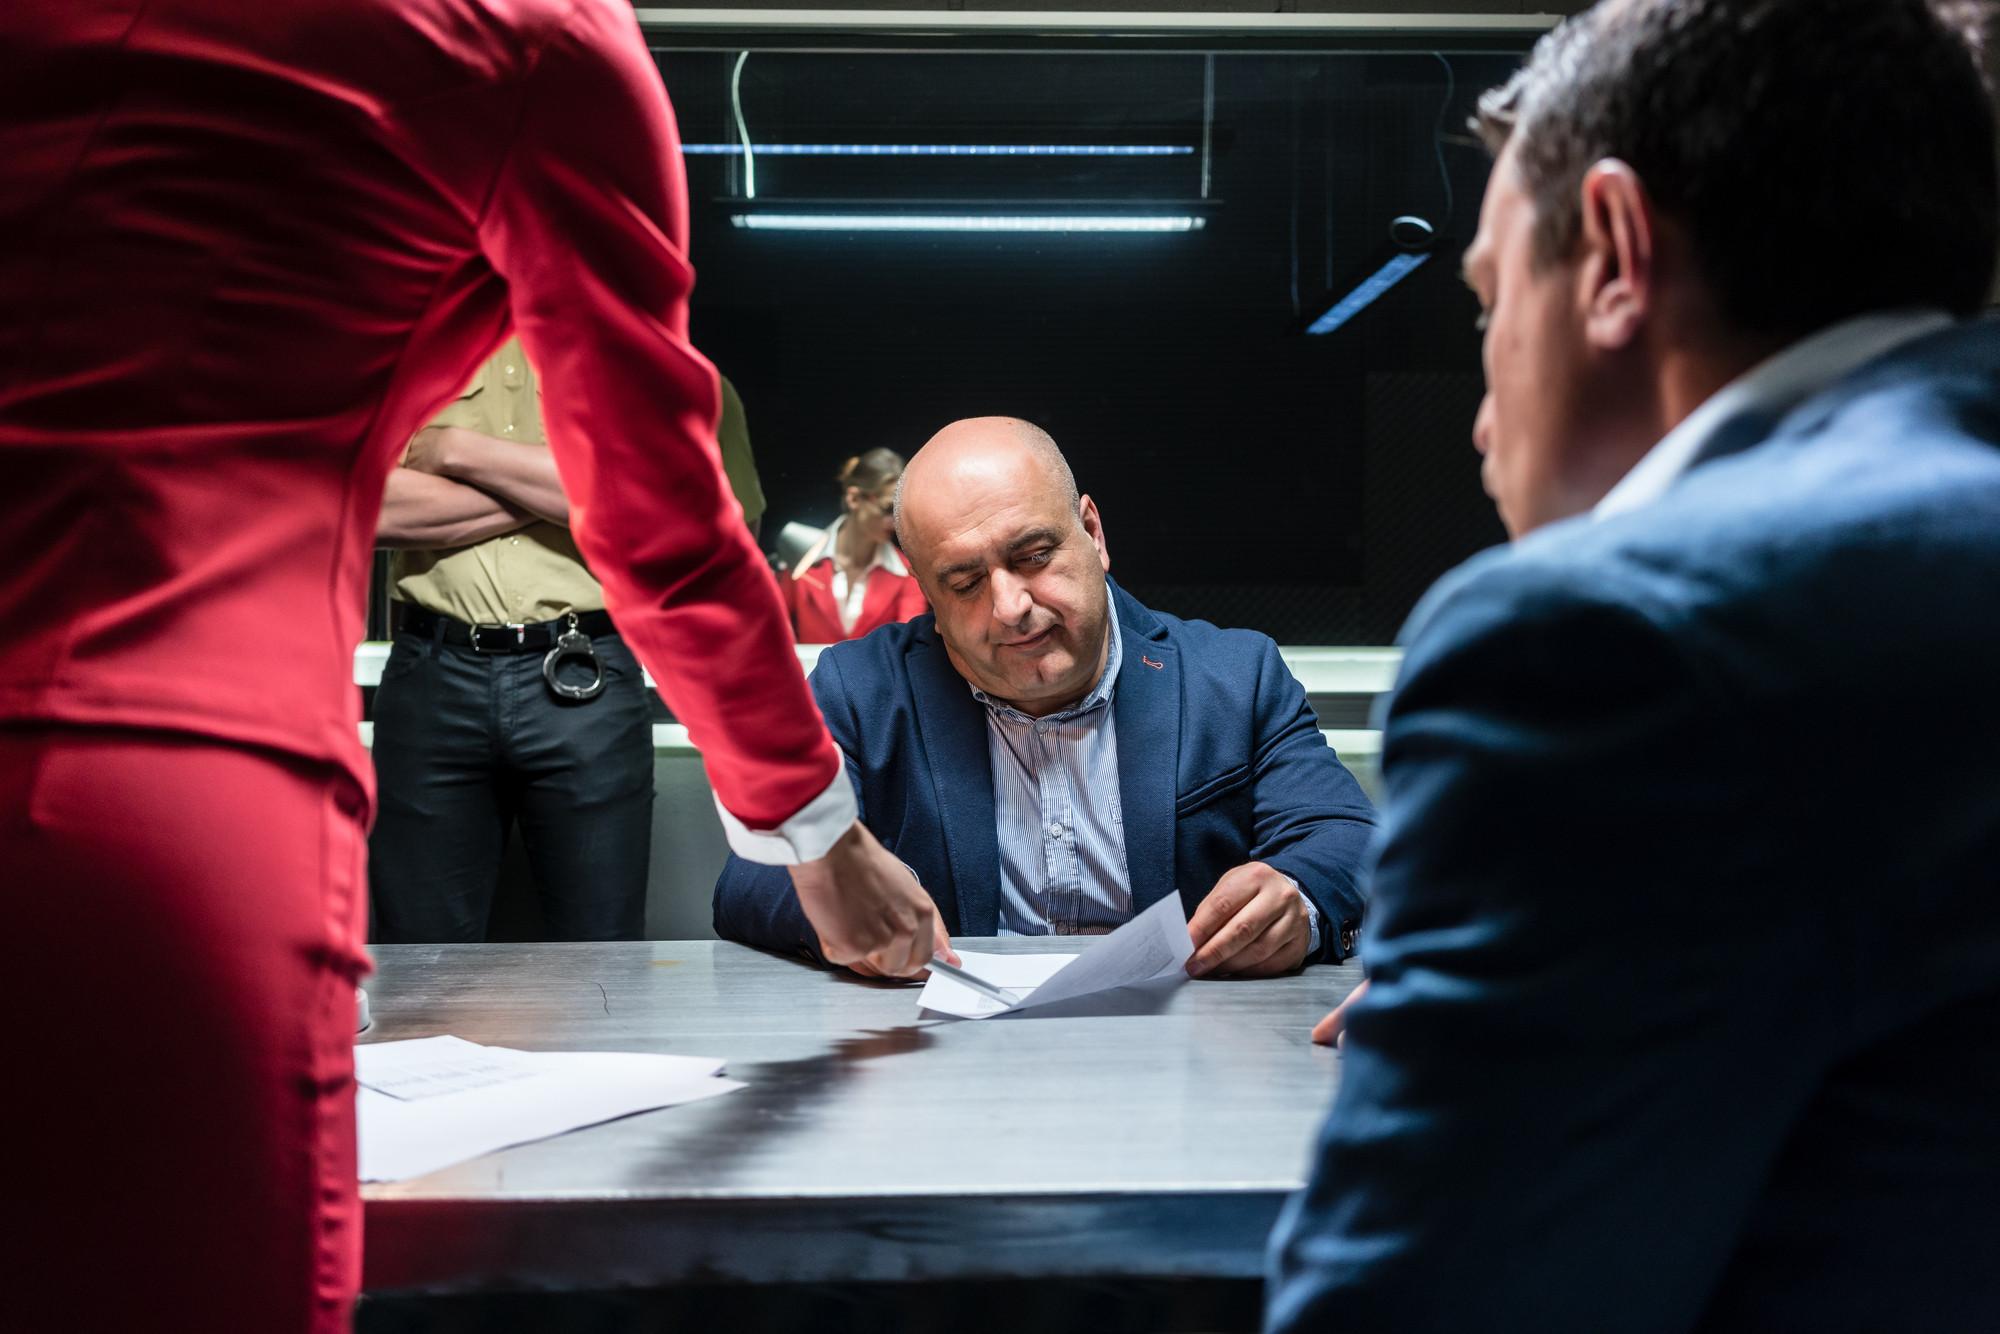 Адвокат по уголовному делу в г. Москве.